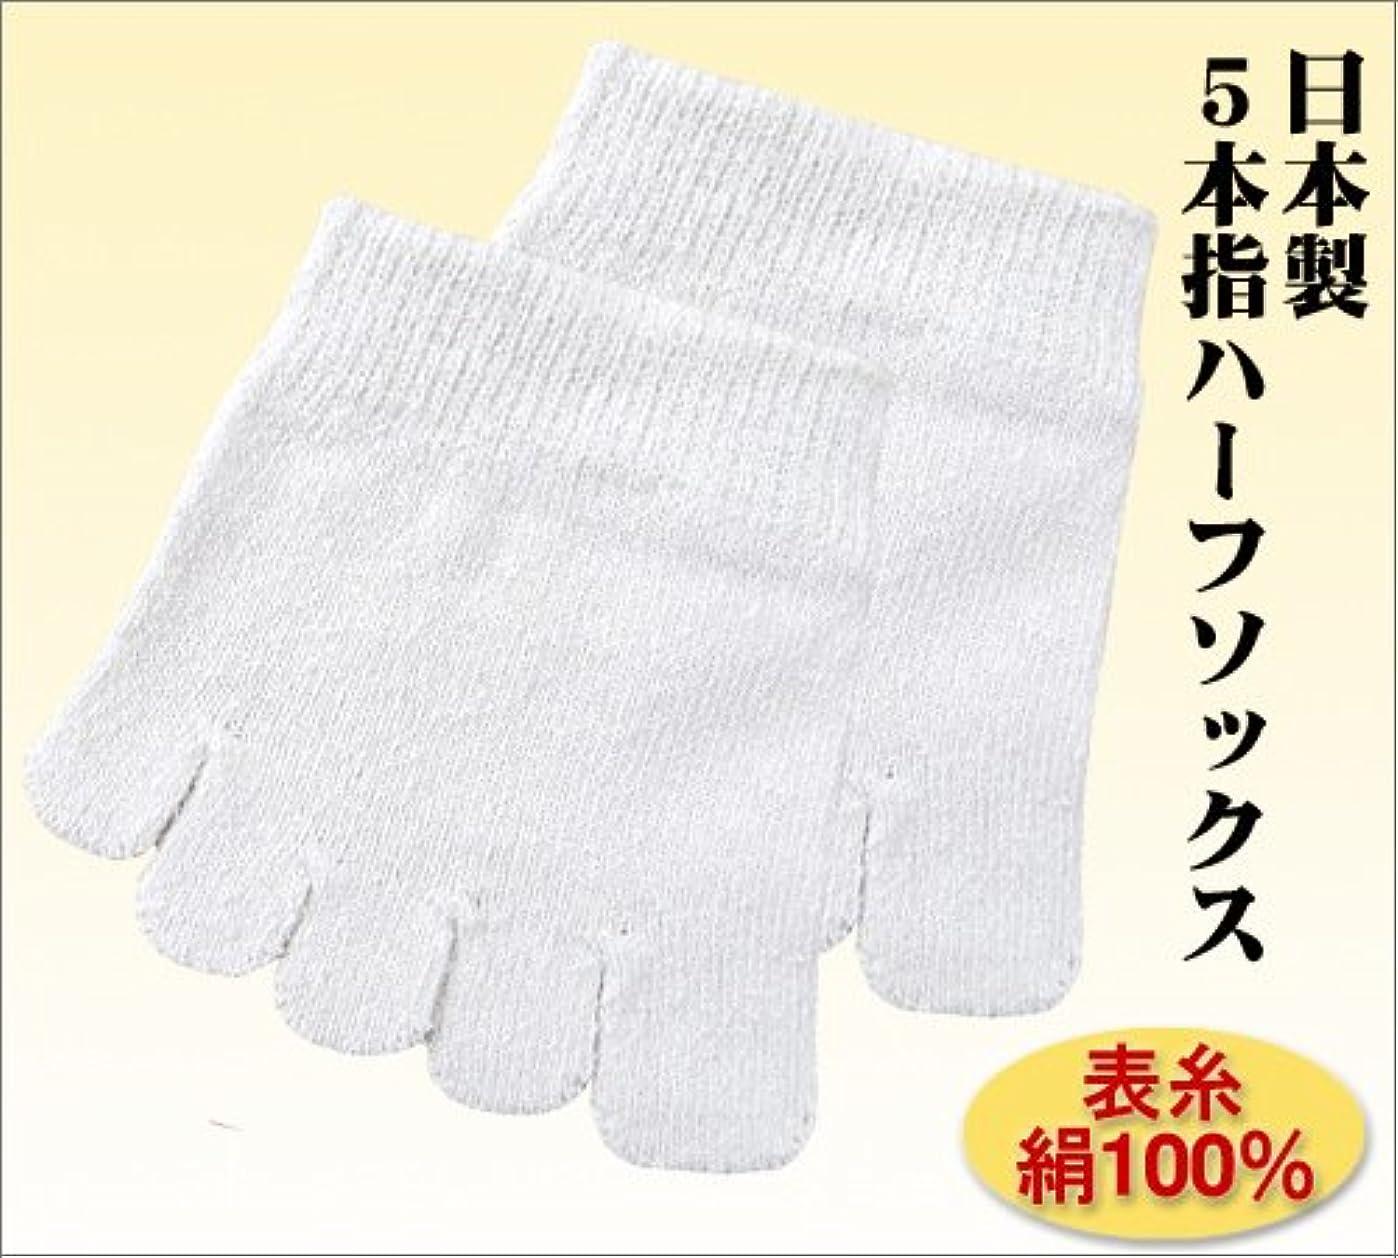 塗抹戦う延ばす日本製 天然シルク5本指ハーフソックス 表糸絹100% 快適な指先ソックス (紳士用 黒色2足組)